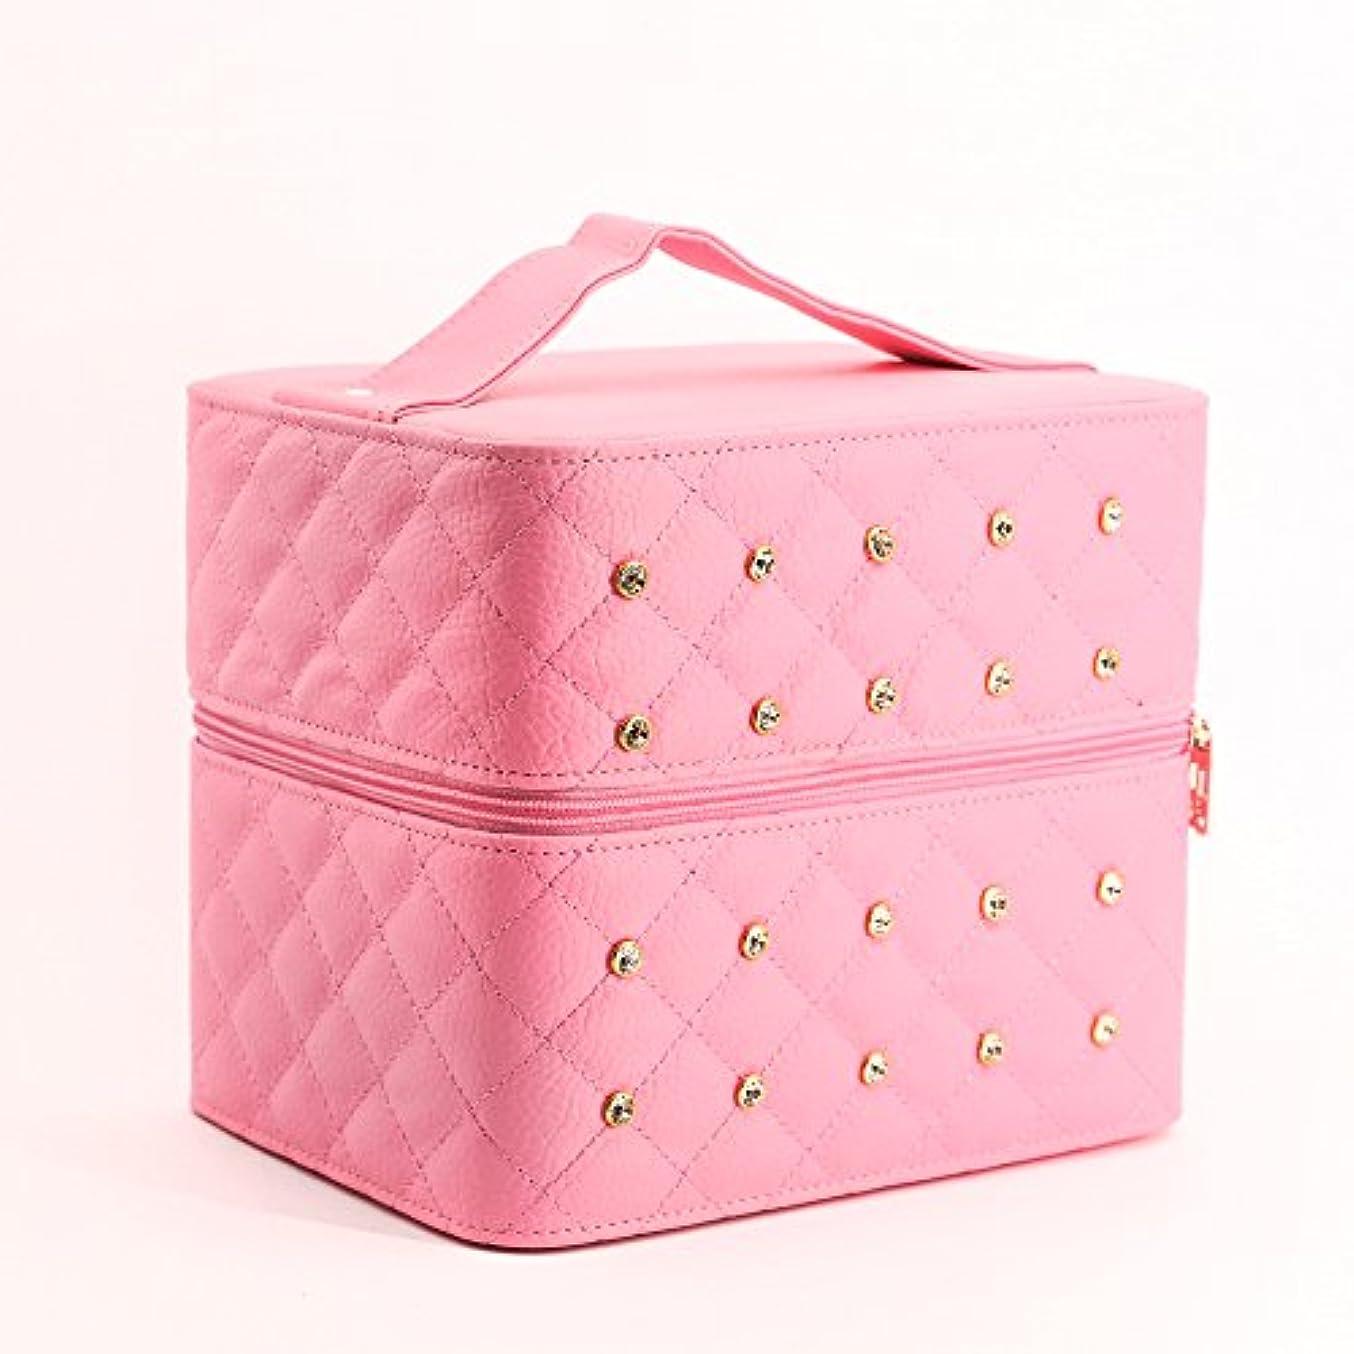 繊維類似性蒸気AZBEX-TEC メイクボックス 取っ手付 ミラー付き (ピンク)